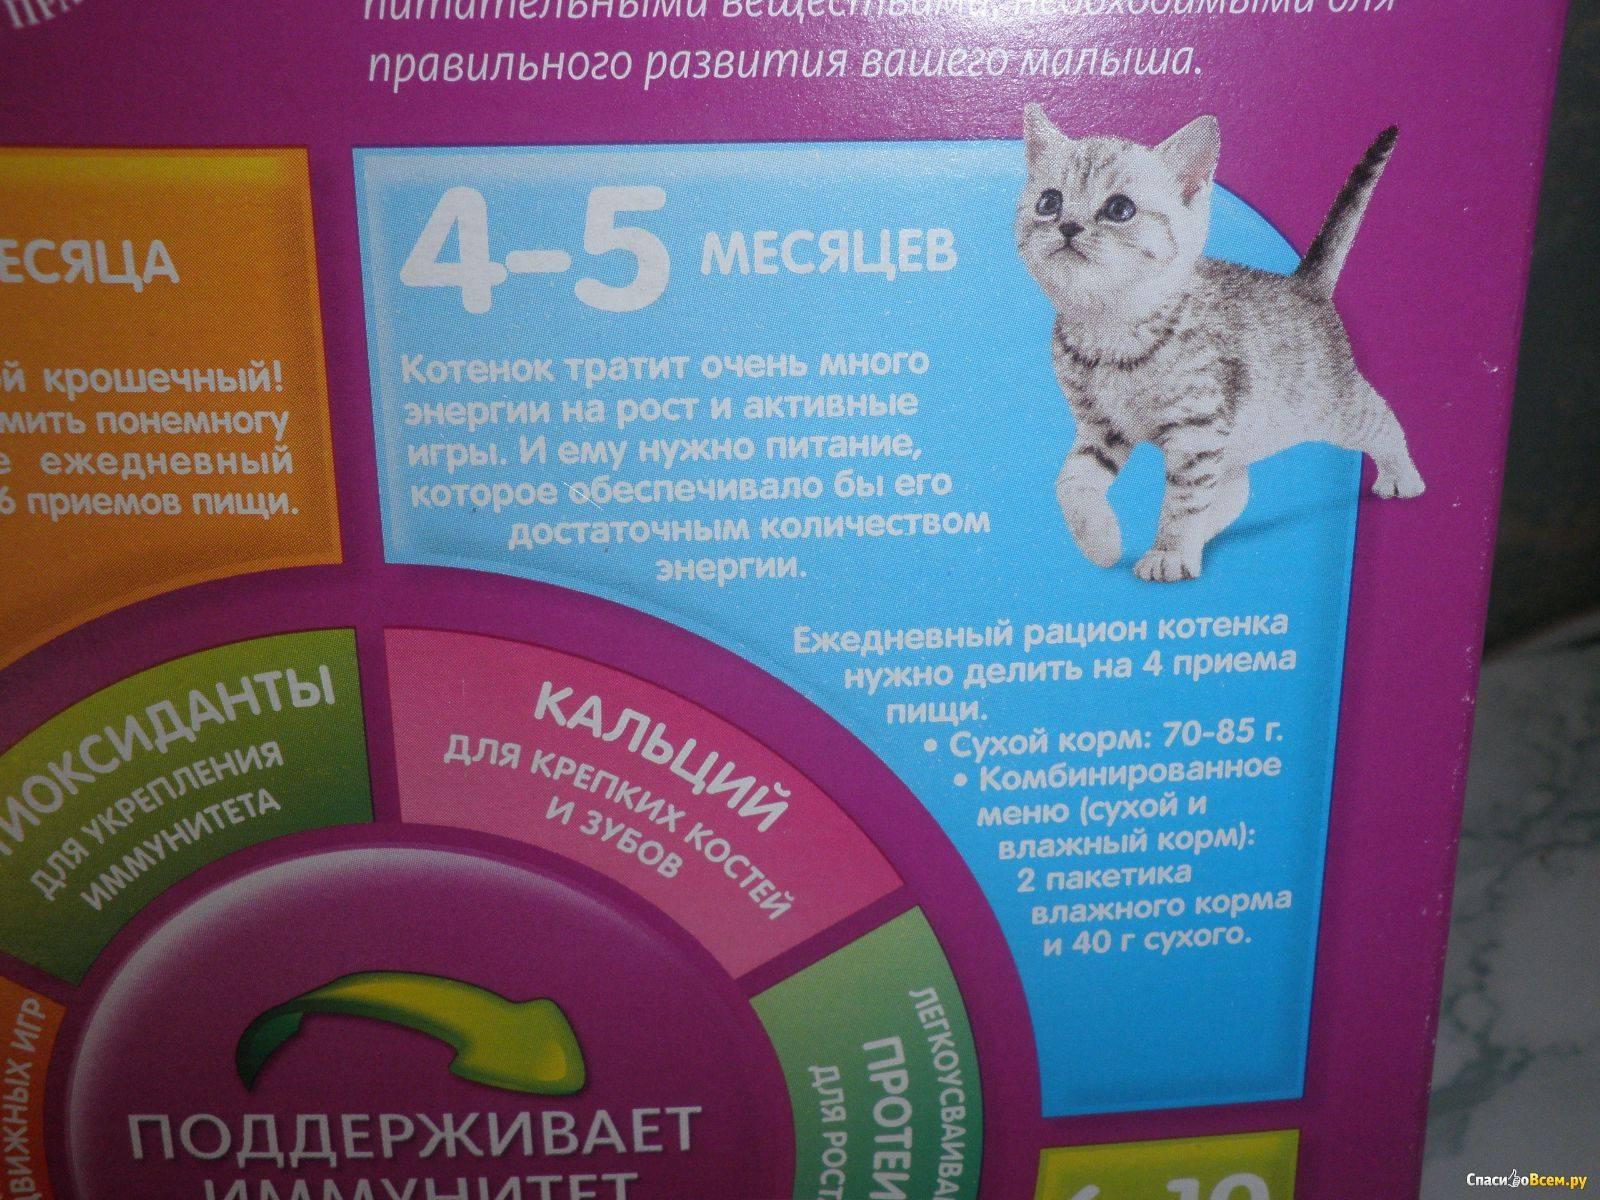 Сколько раз в день нужно кормить котенка по месяцам?